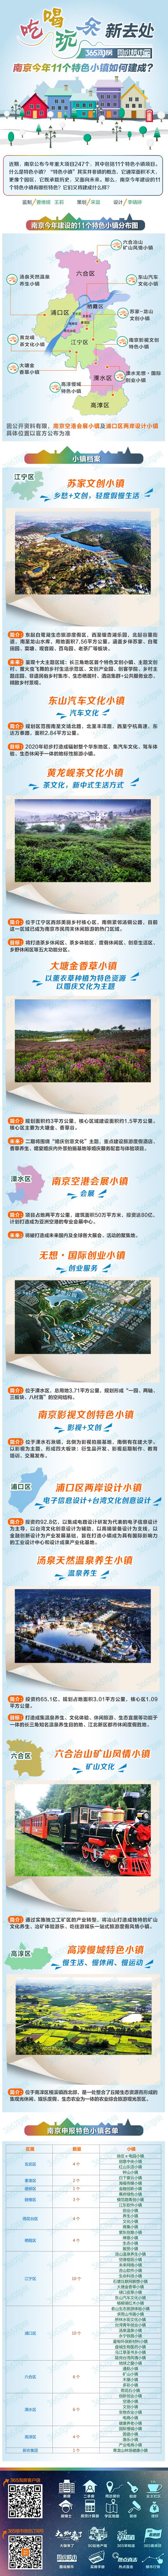 南京今年11个特色小镇如何建成?